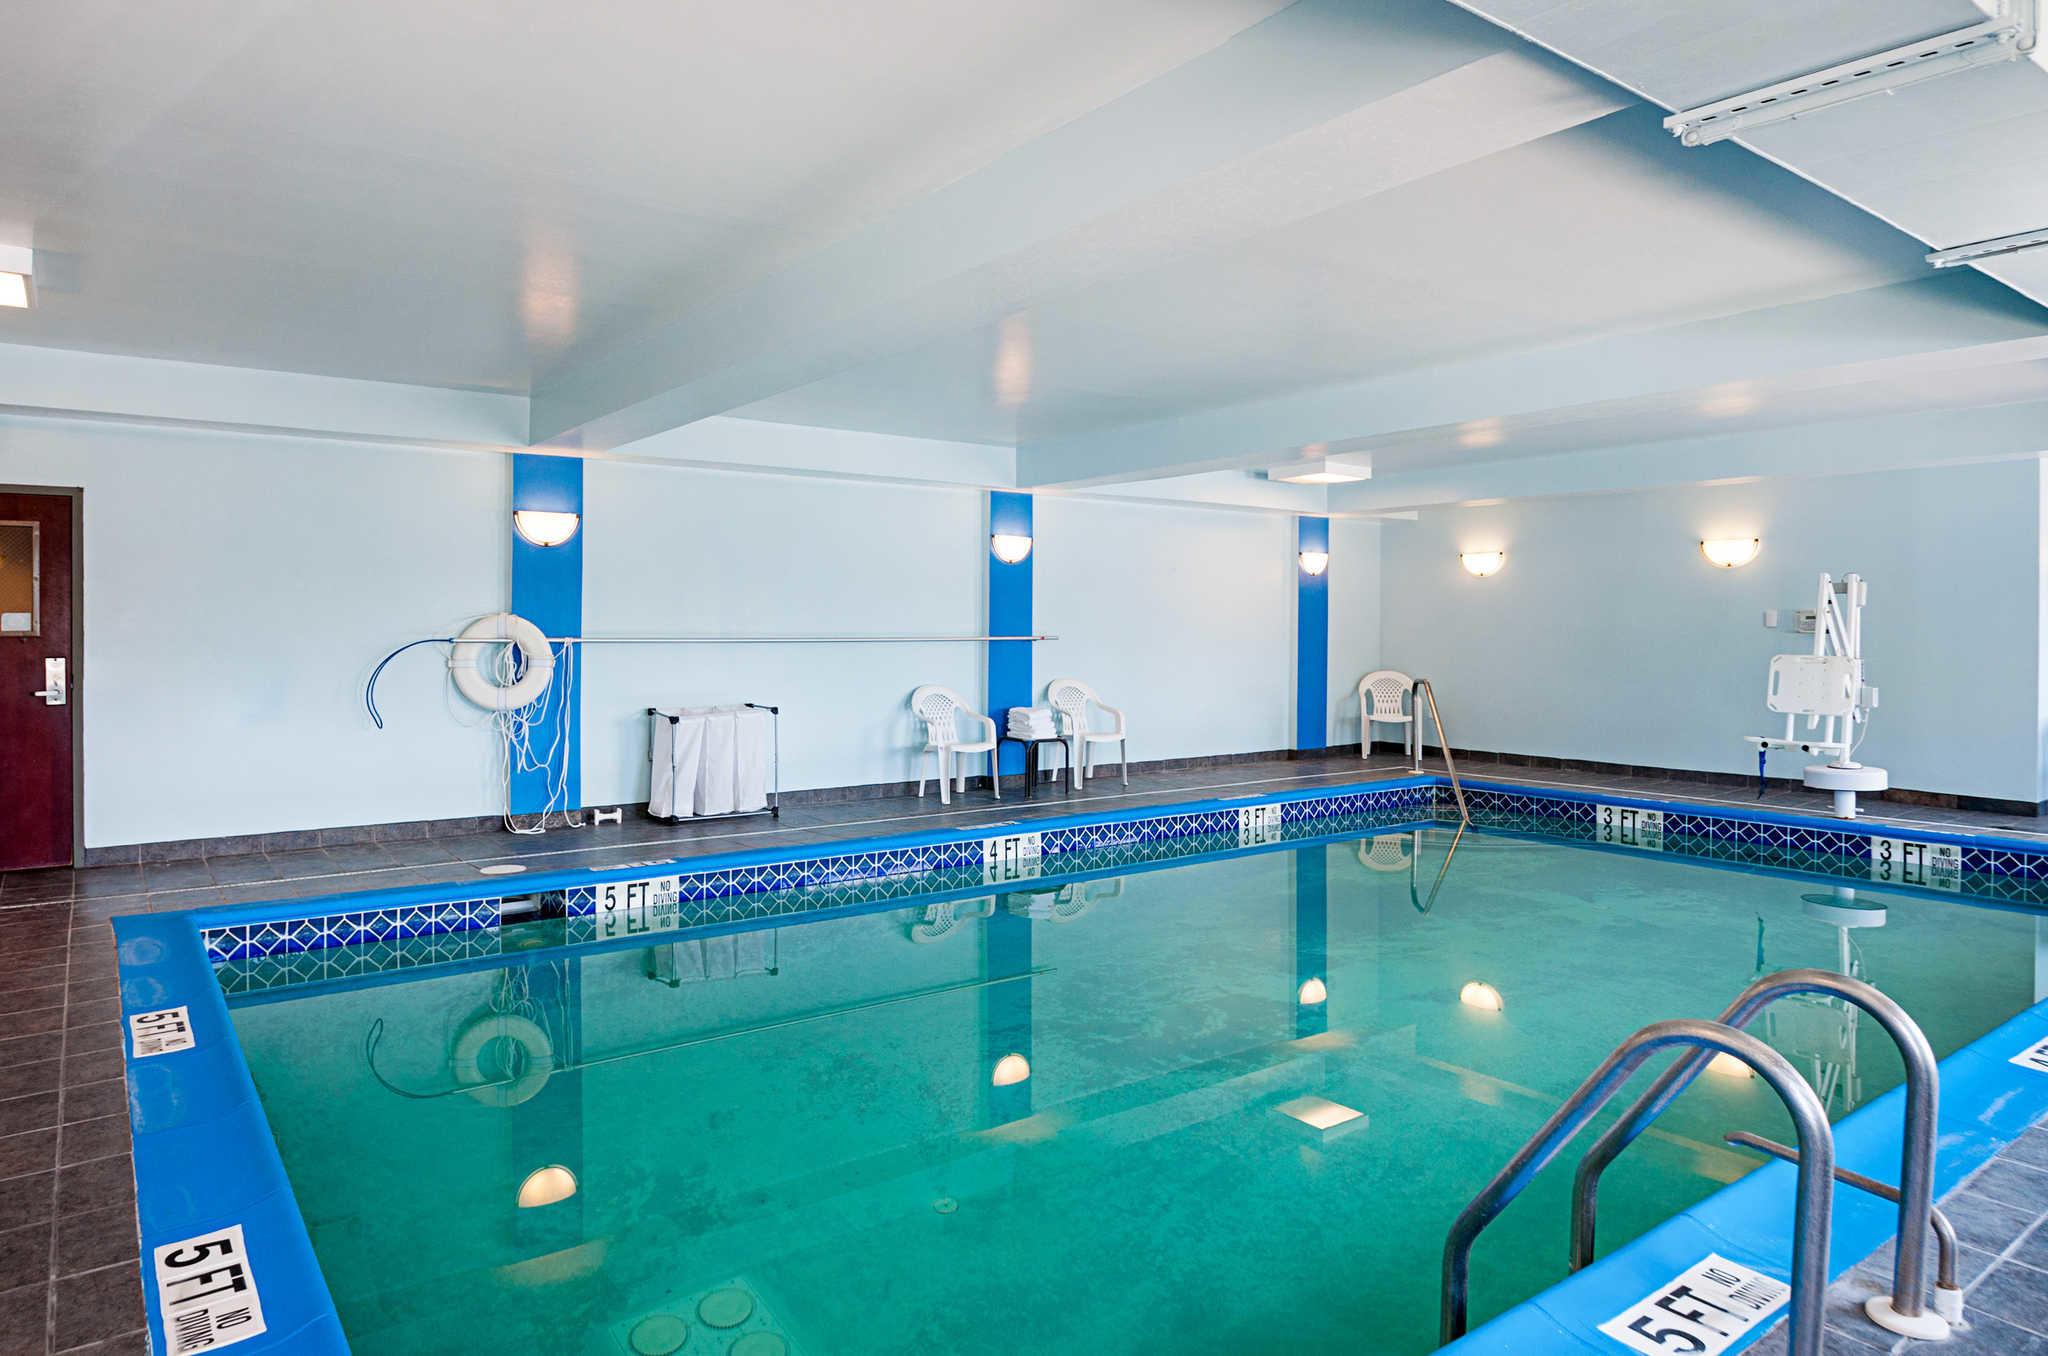 Comfort Inn & Suites Cambridge image 29